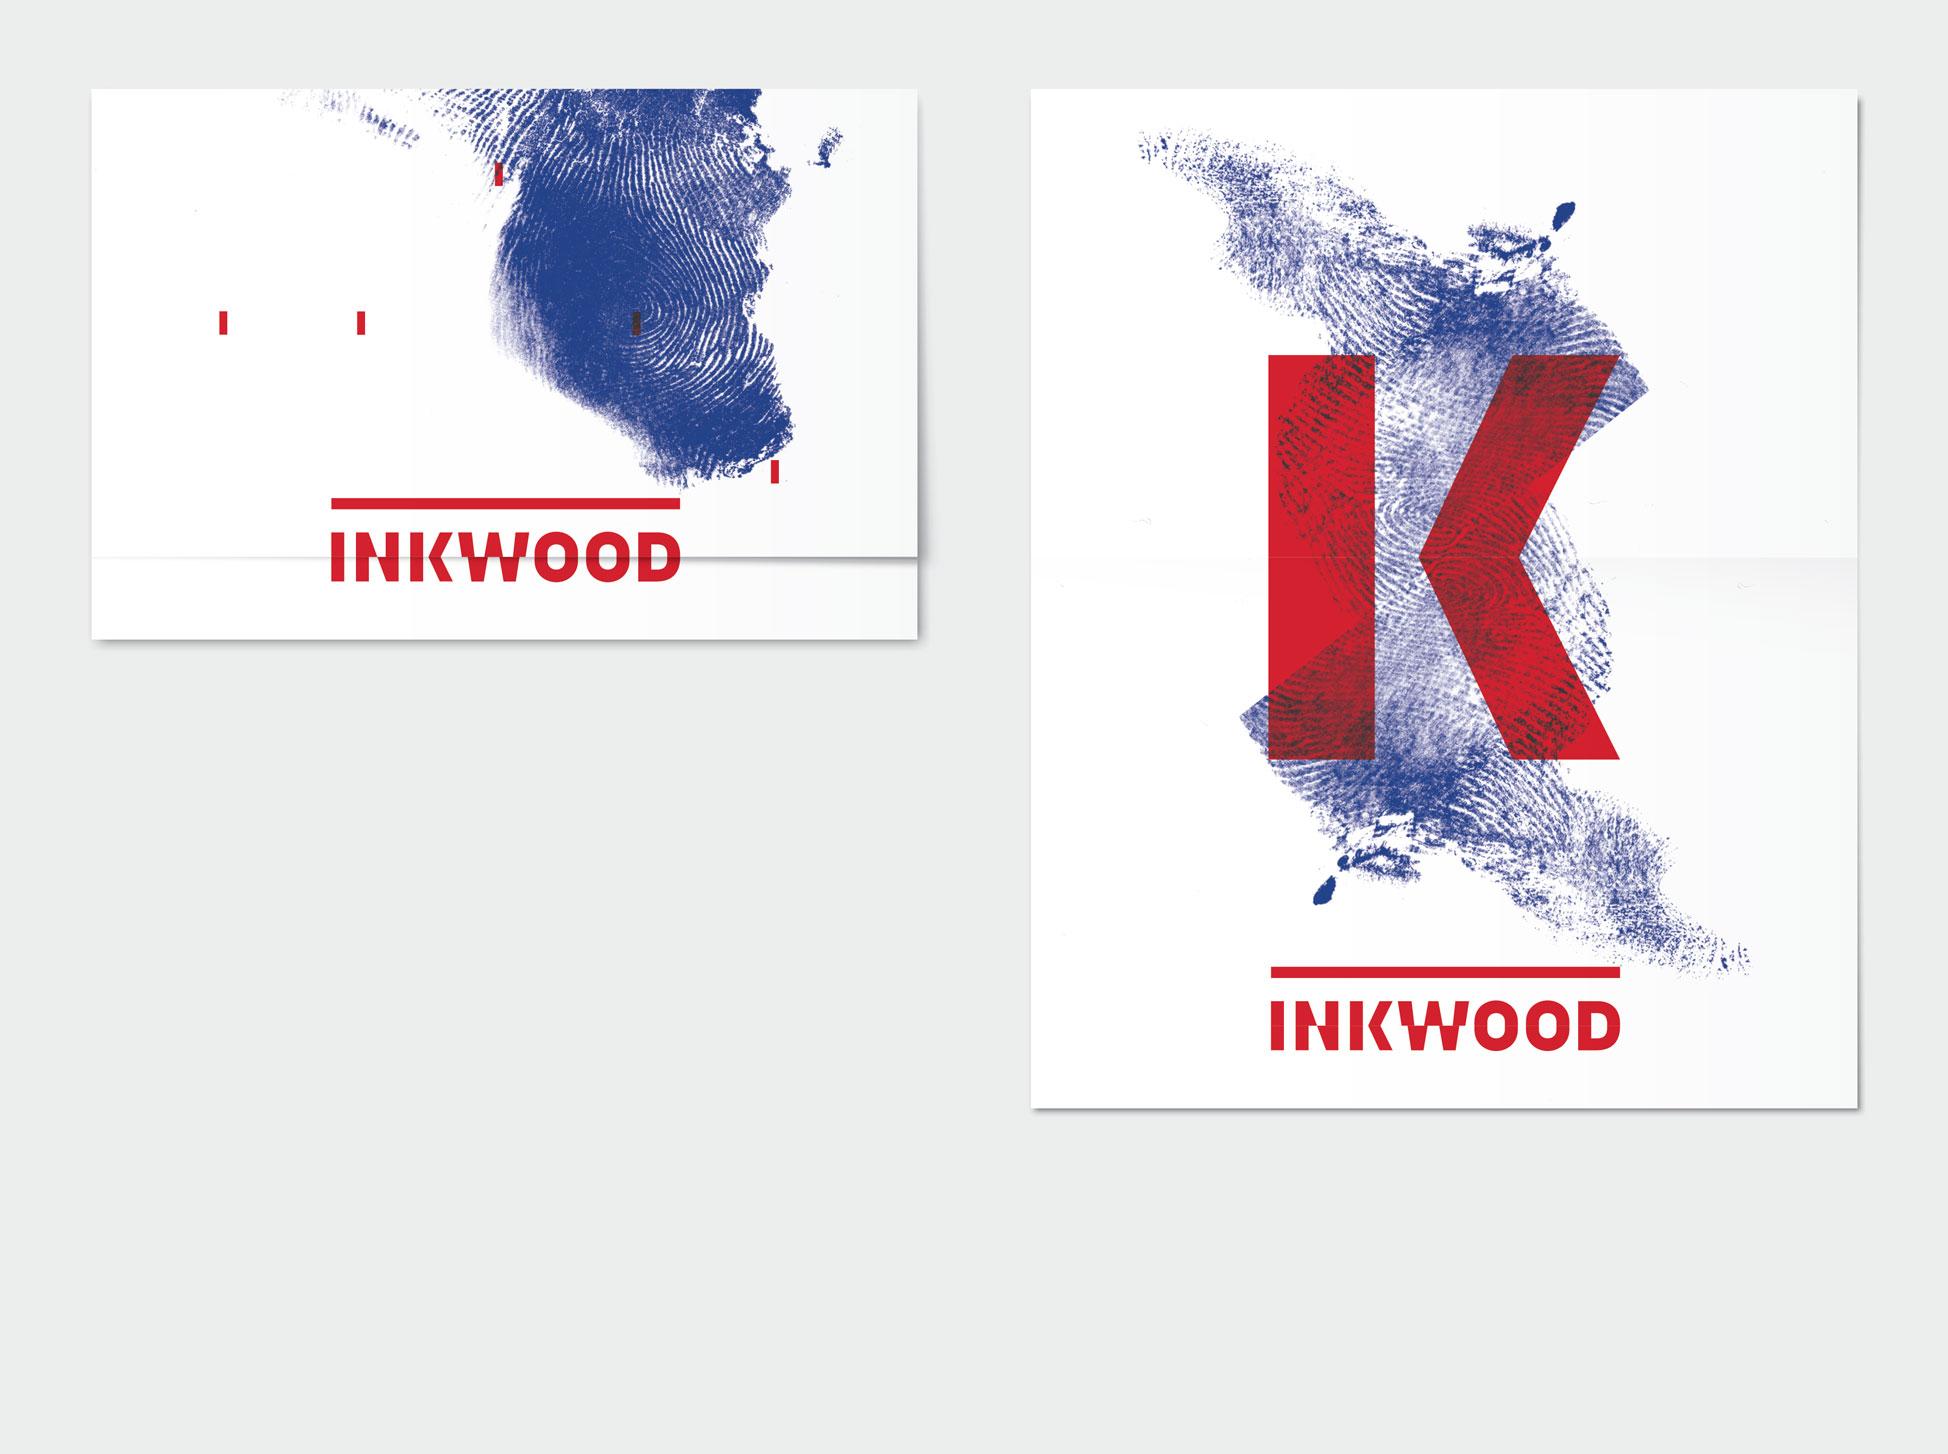 Inkwood / Atelier à Propos (4)